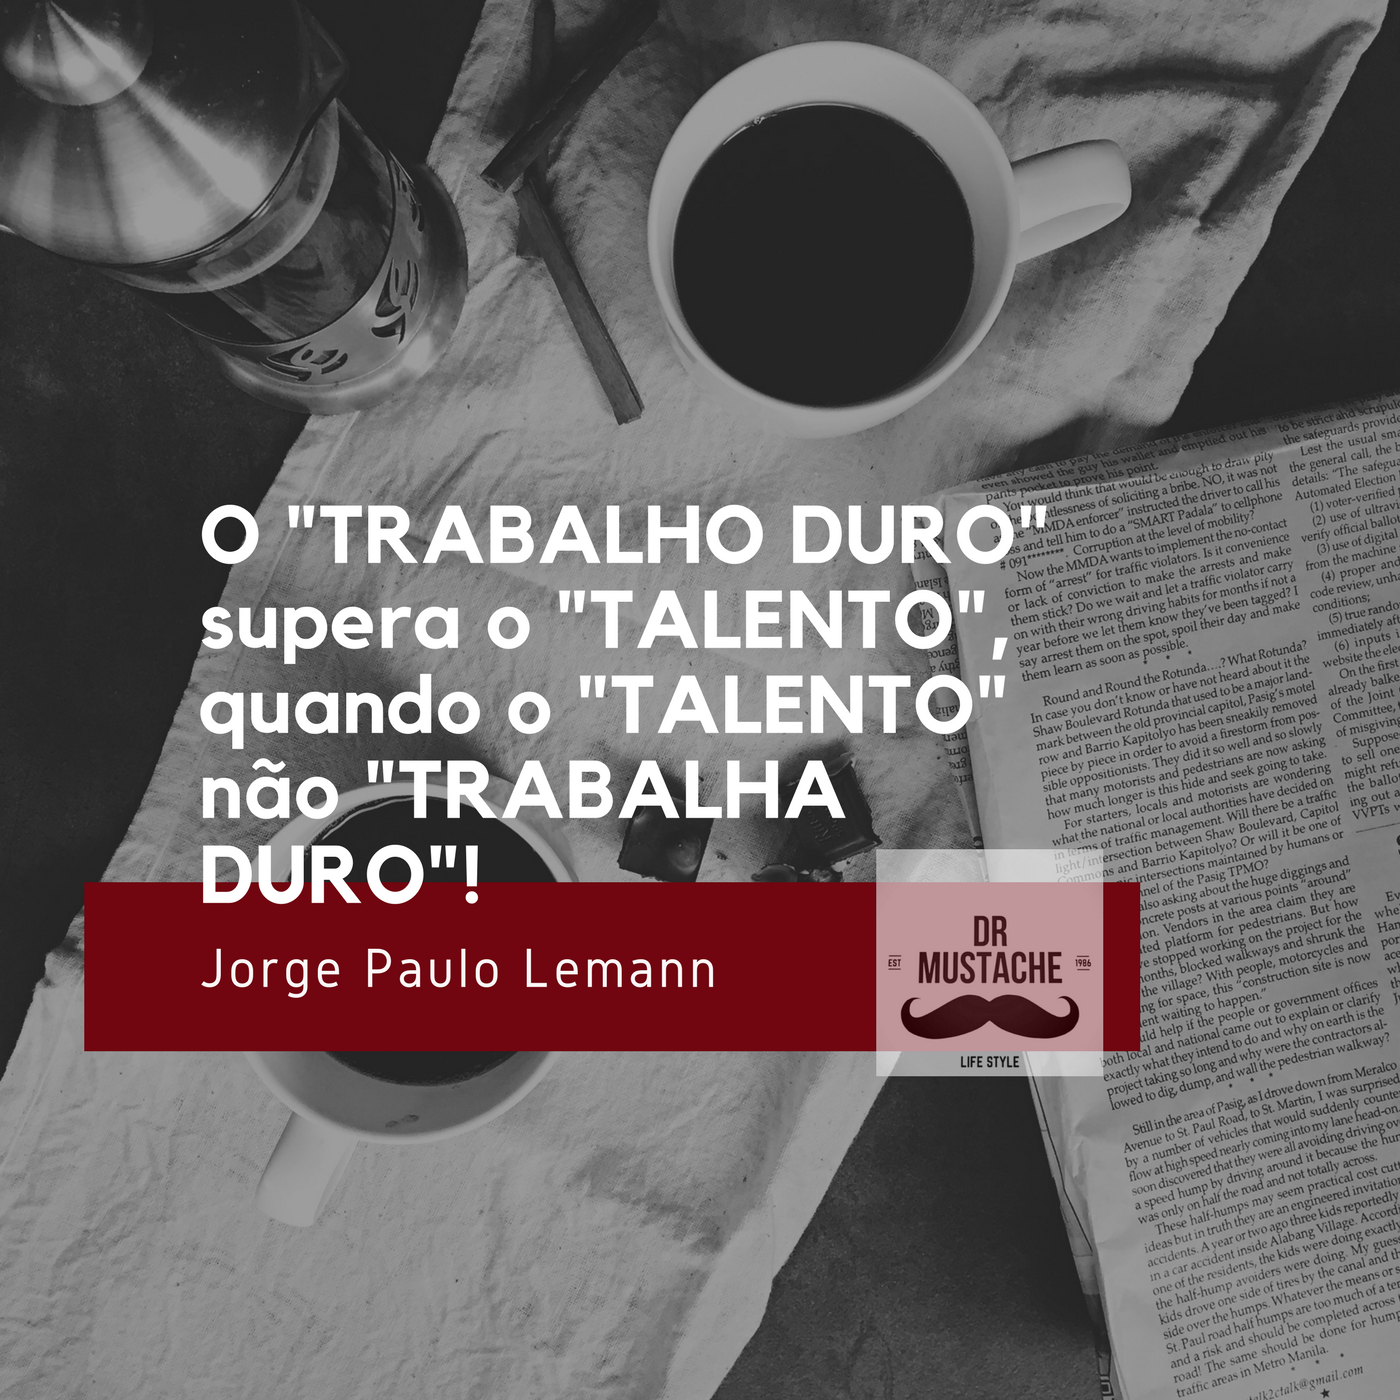 Dr Mustache Trabalho Duro X Talento Motivação Jorge